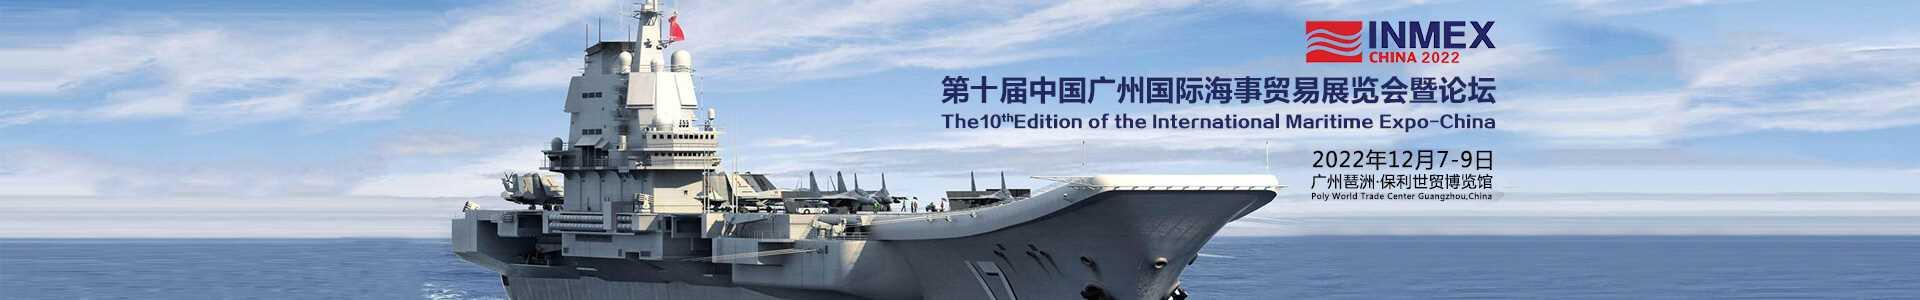 广州国际海事展